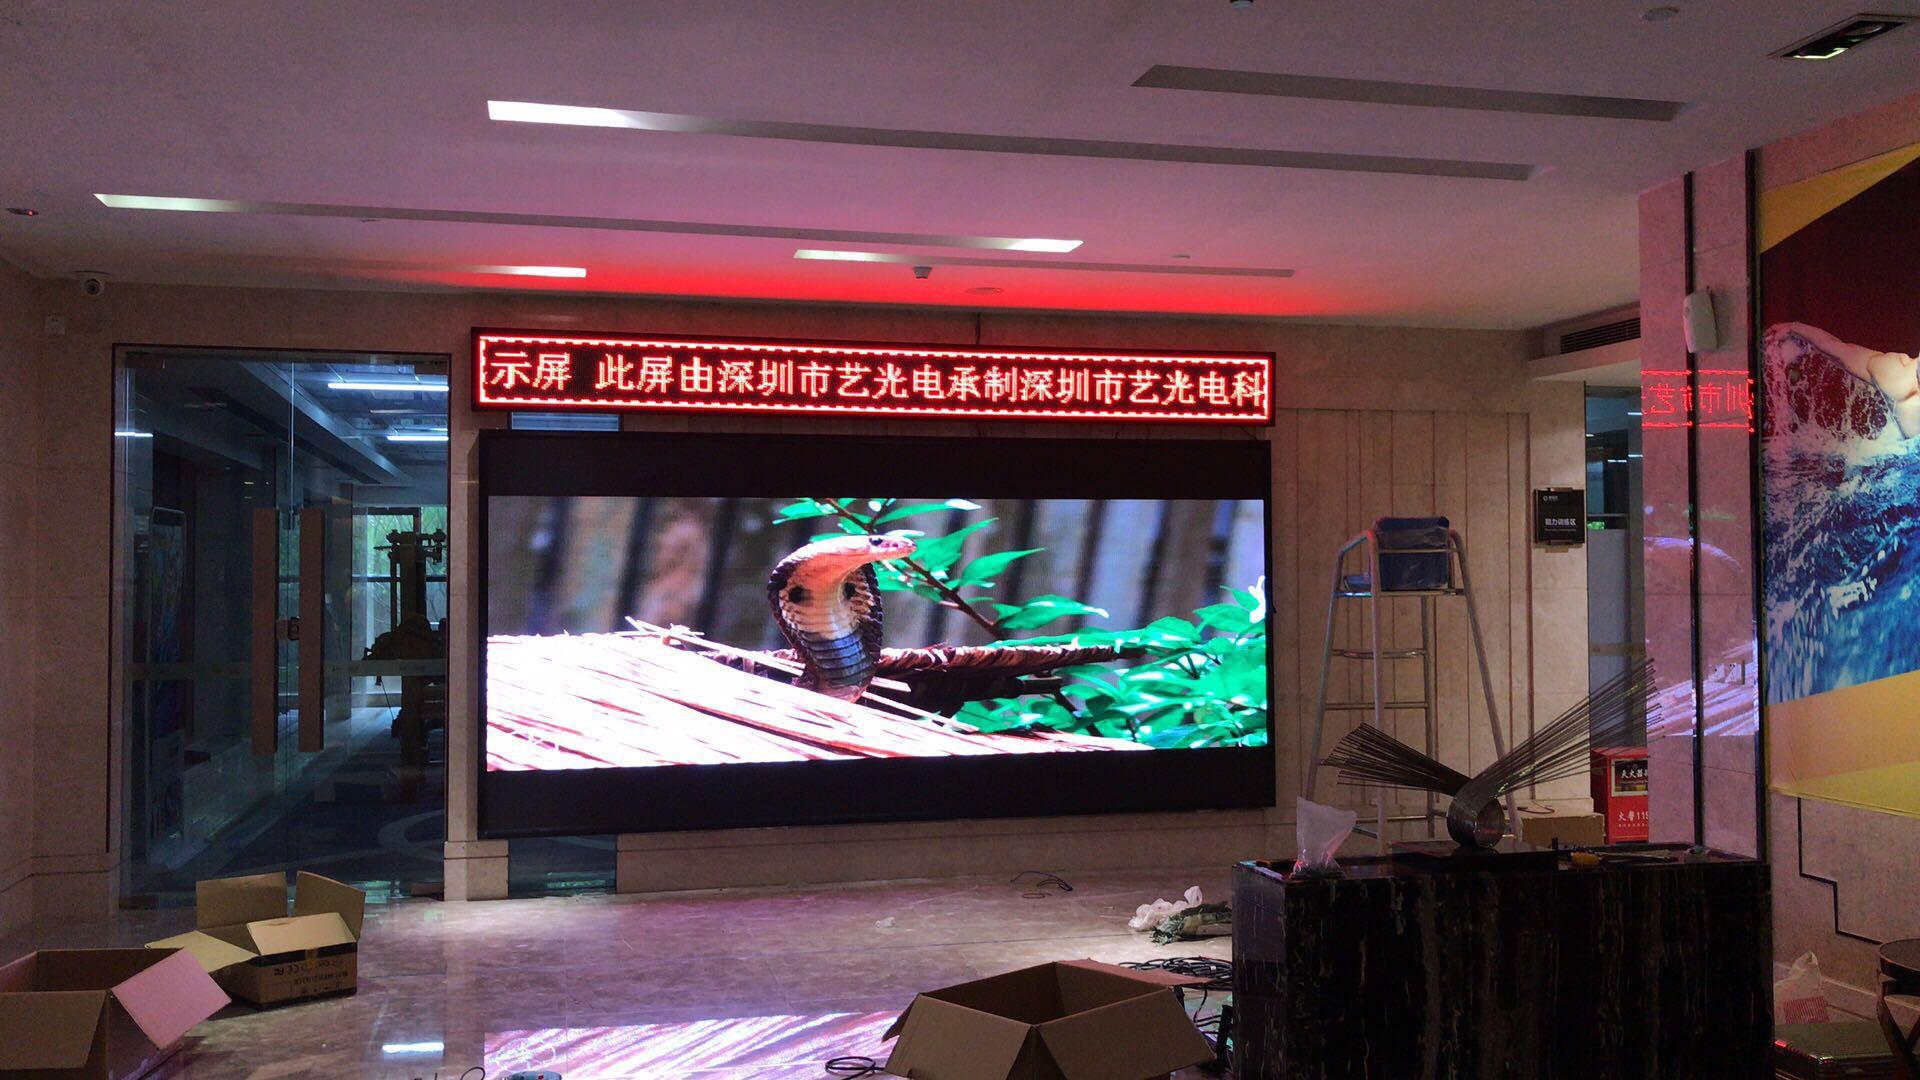 惠州君悦汇健身P4屏-5